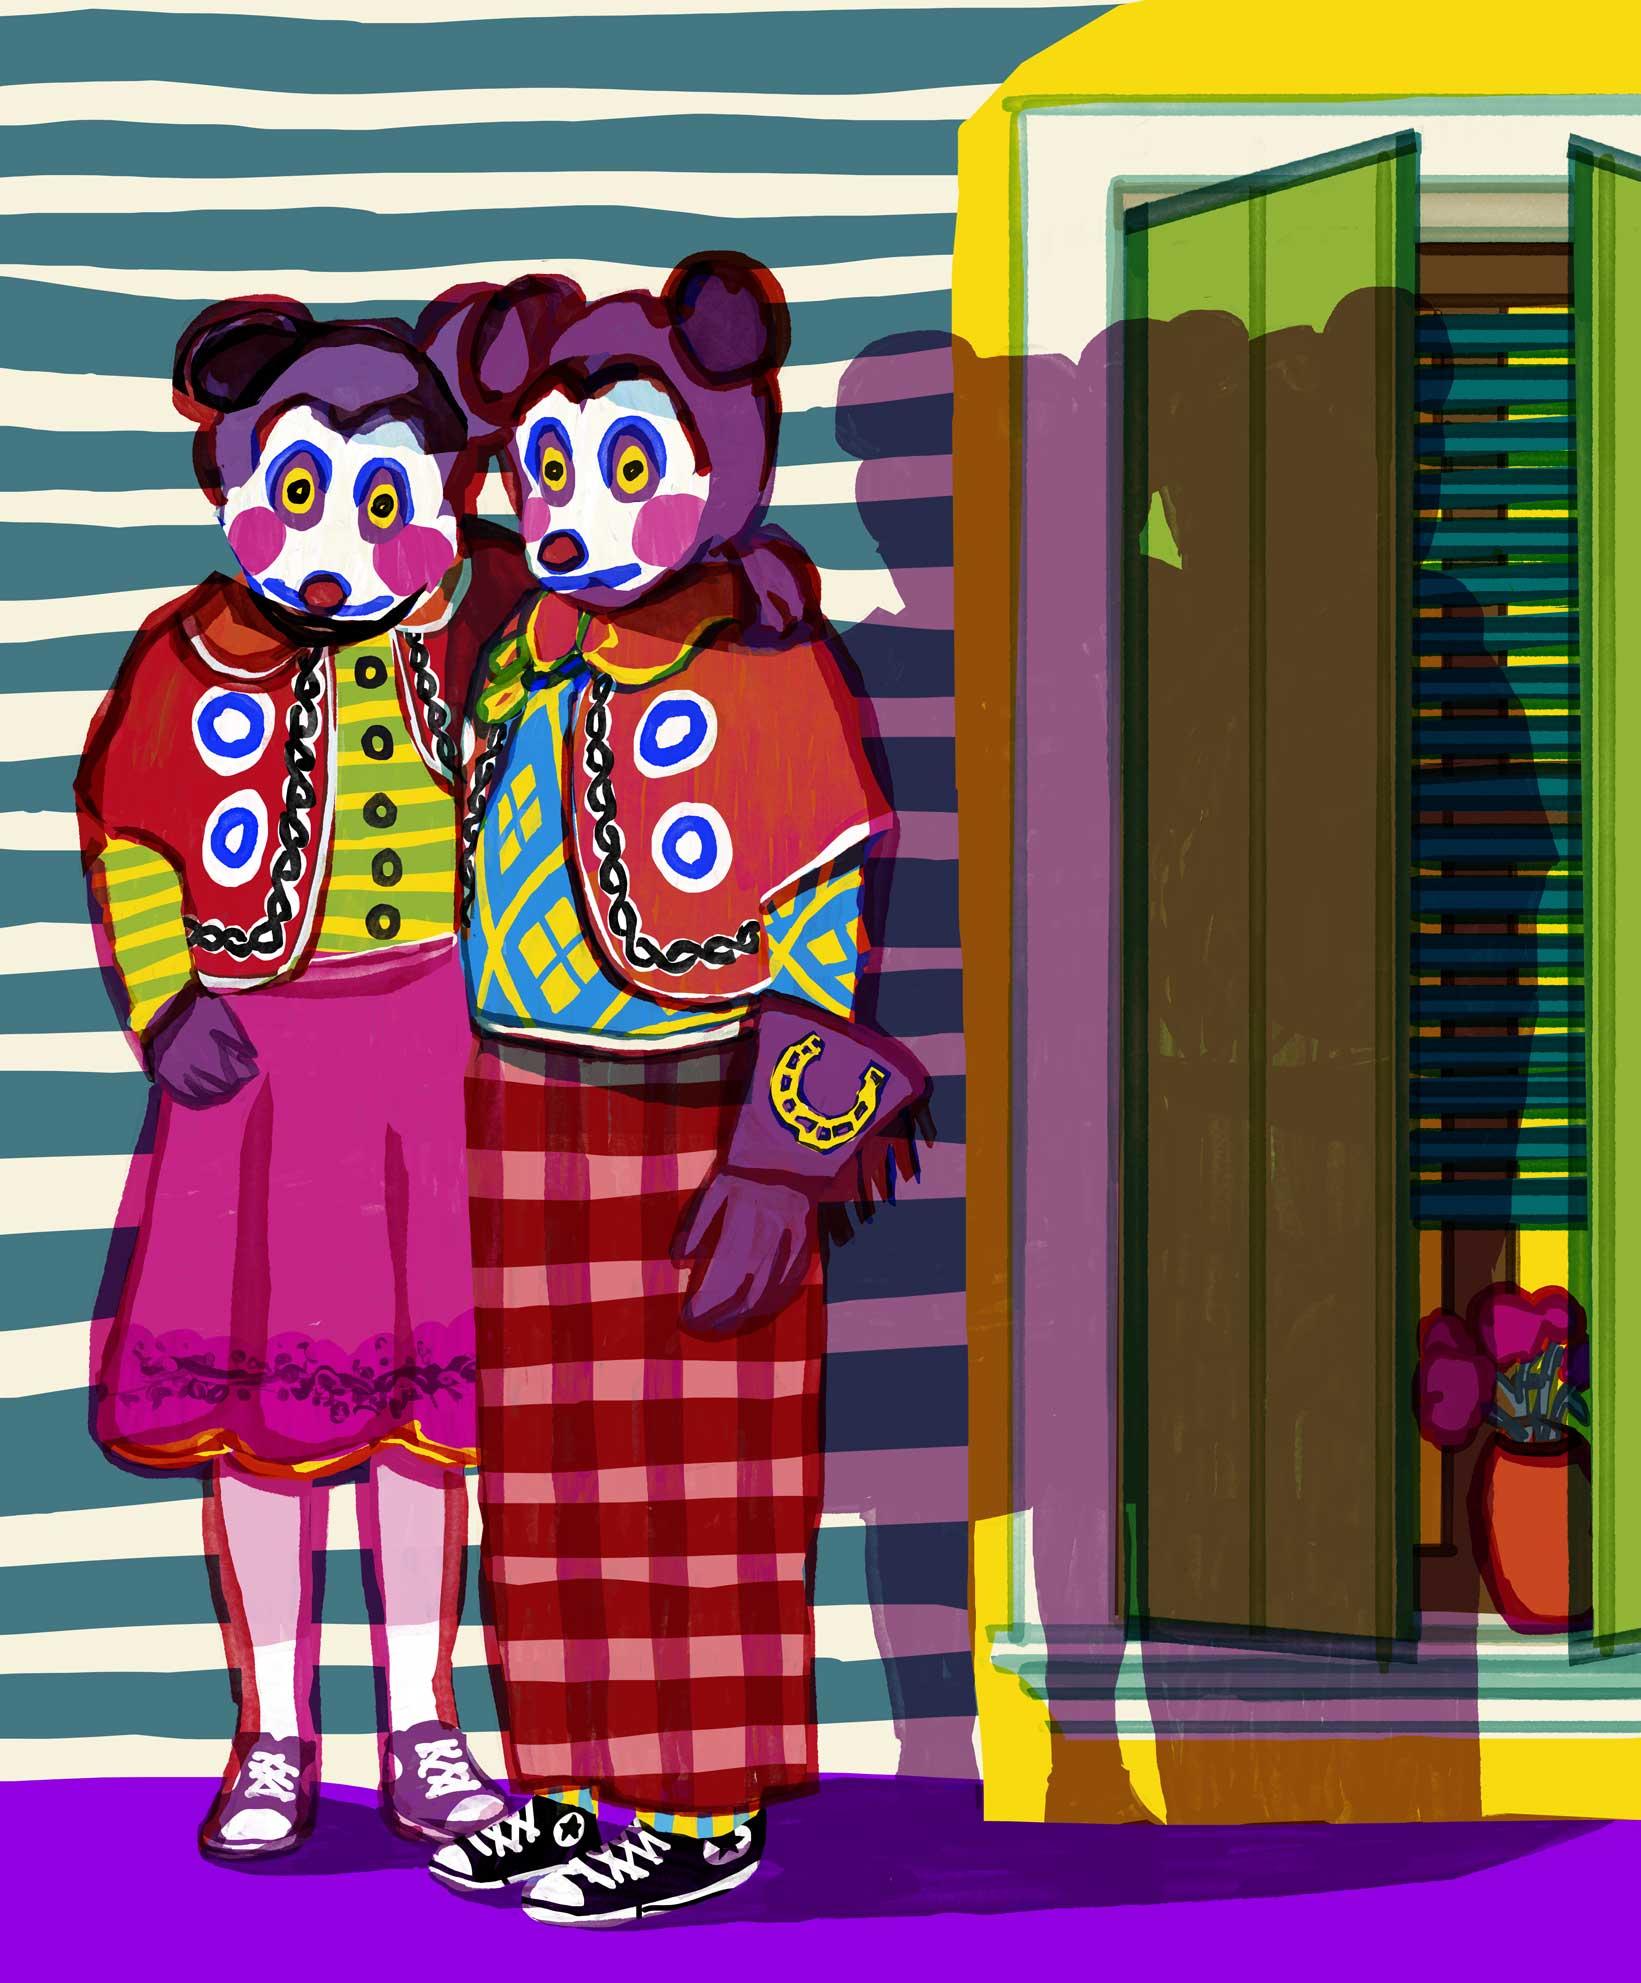 Mario Jodra Art - Mice Kids and an external window